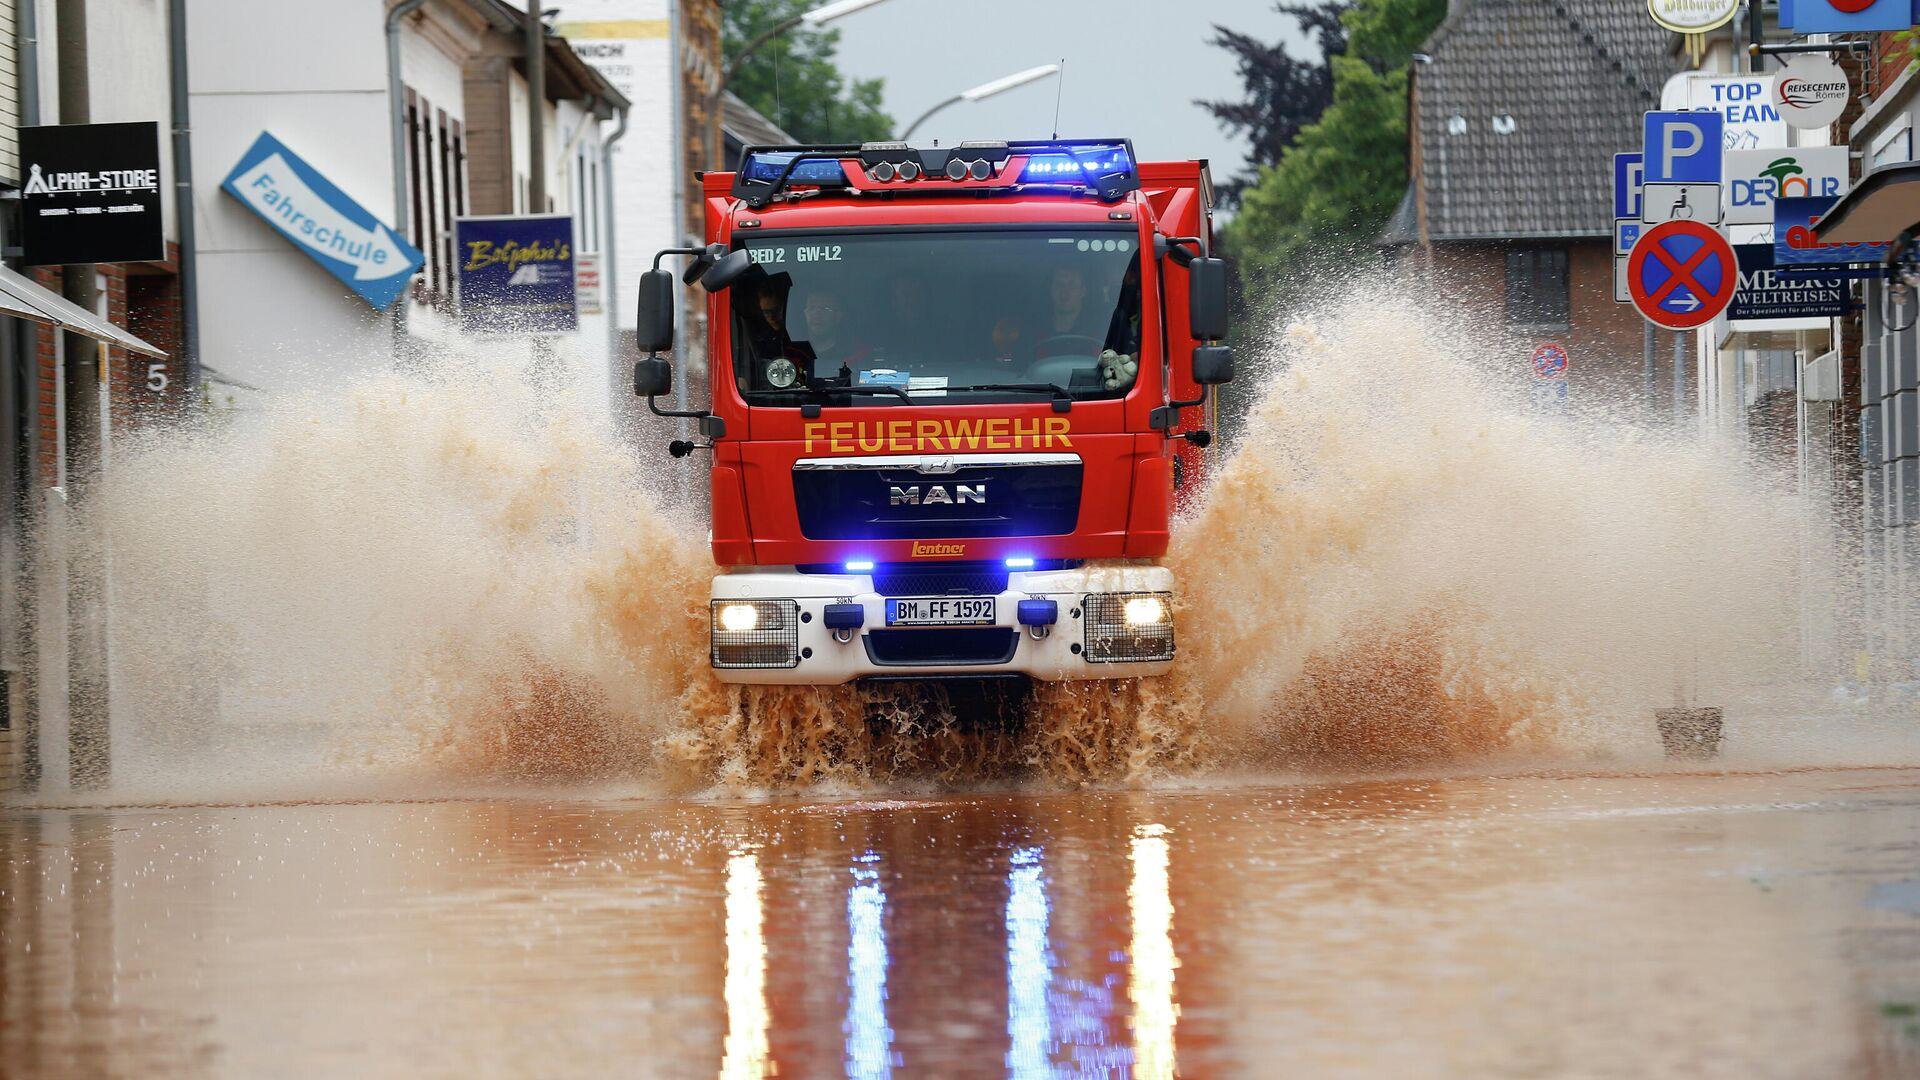 Пожарная машина проезжает по затопленной улице после проливных дождей в Эрфтштадте, Германия - РИА Новости, 1920, 20.07.2021